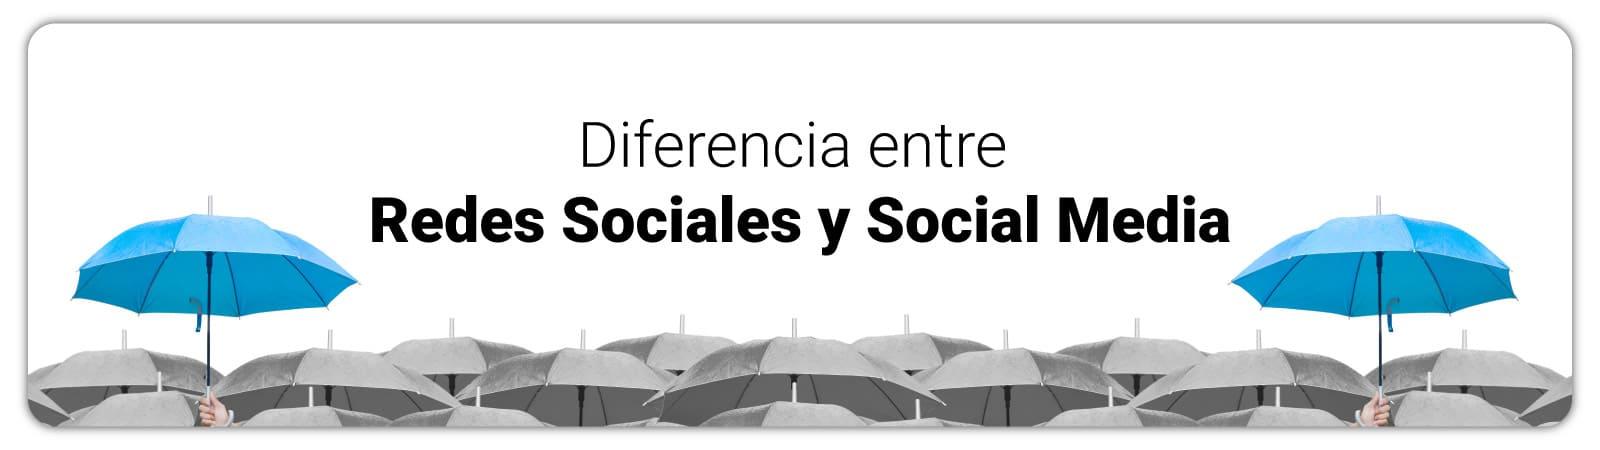 Diferencia entre Redes Sociales y Social Media